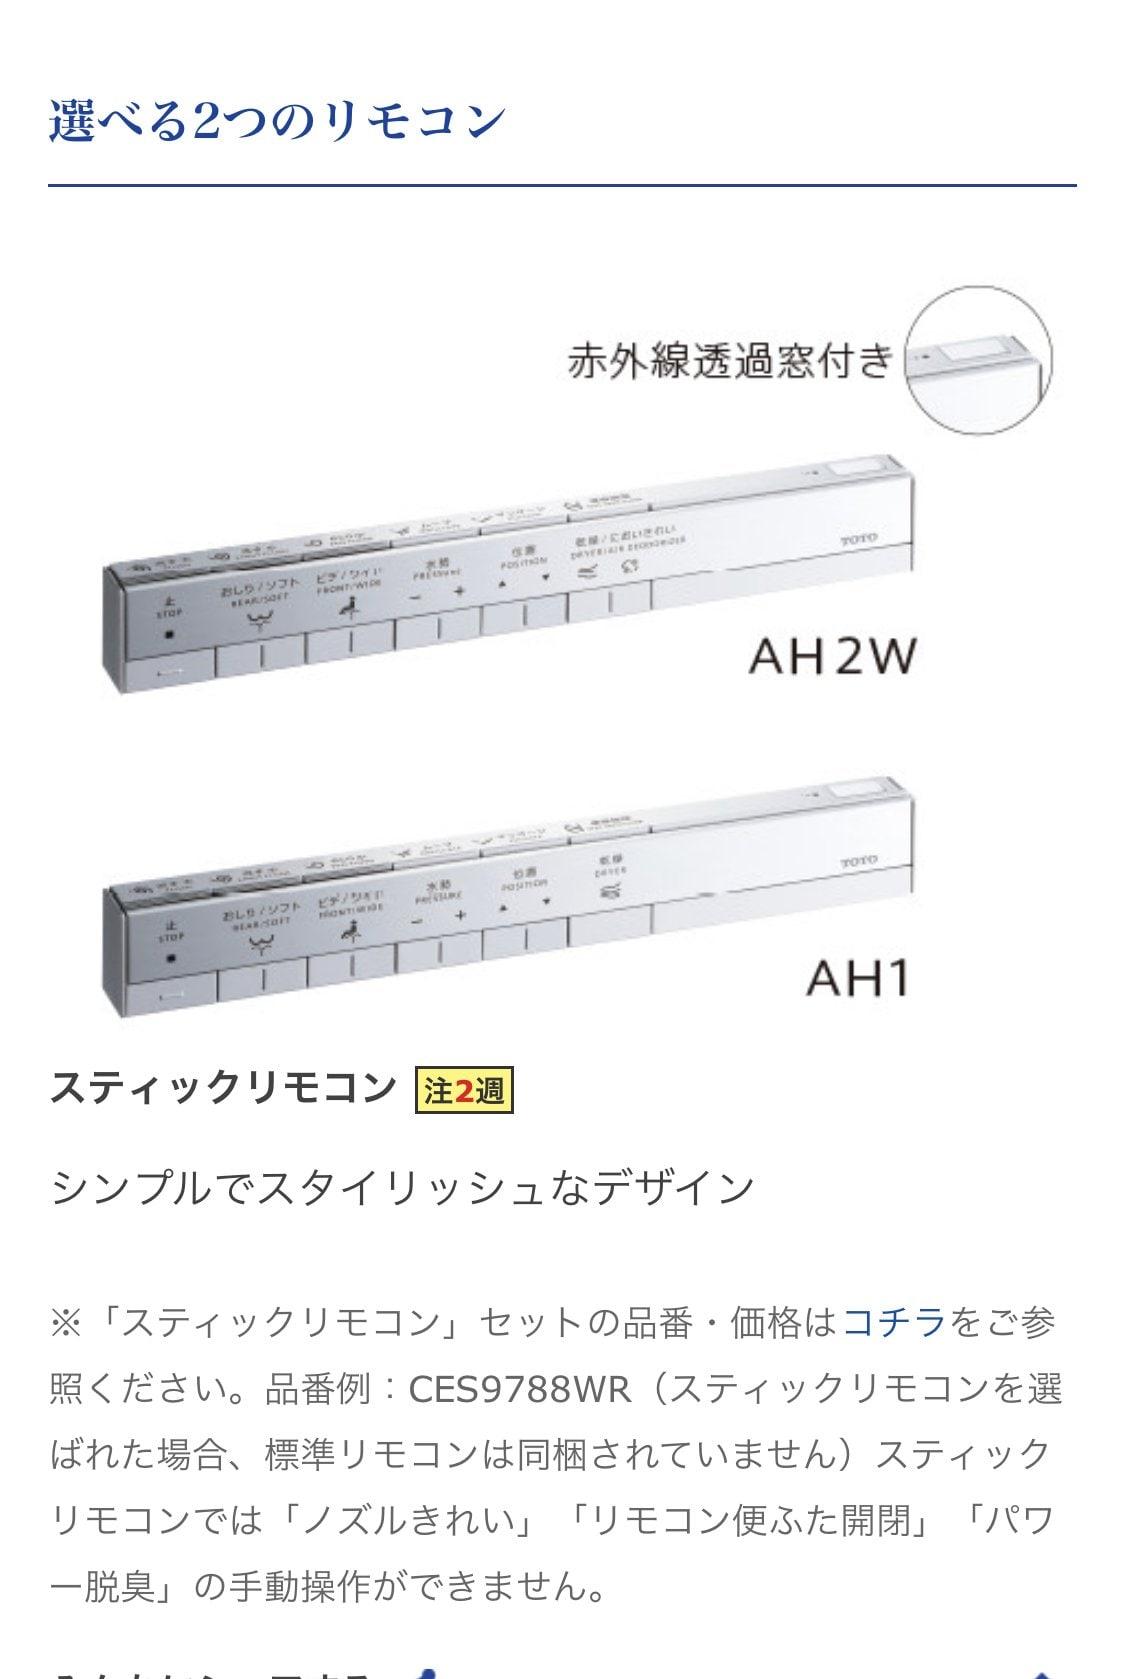 ネオレスト AH1 CES9788M 床排水芯305〜435㎜ リモデルタイプのイメージその4